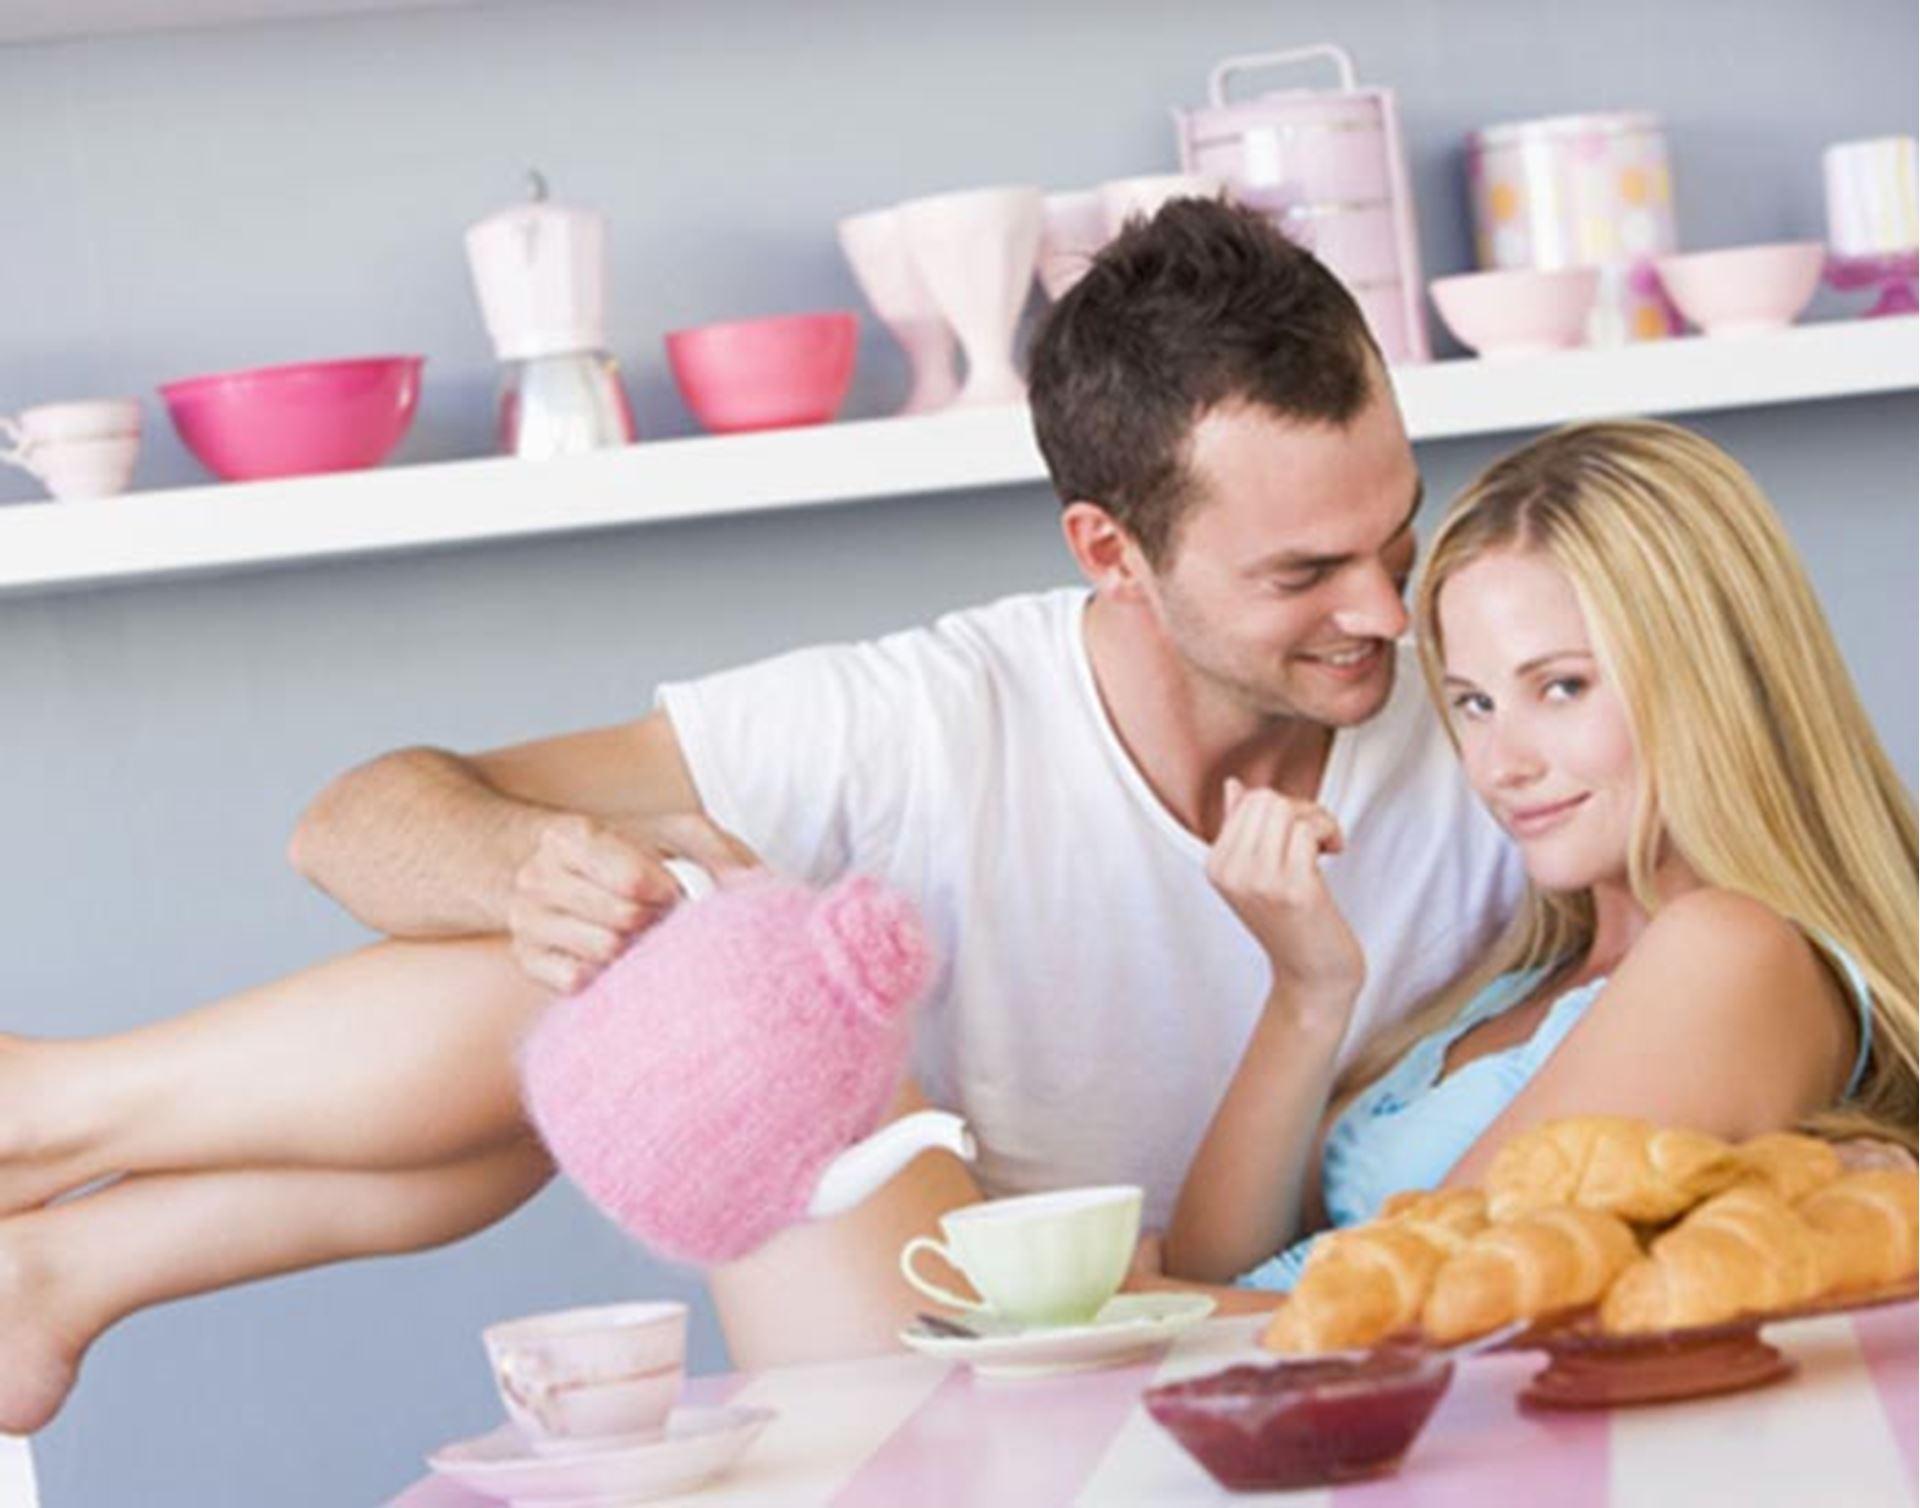 Kadınlar evlilikten neler beklerler kadınlar ne ister